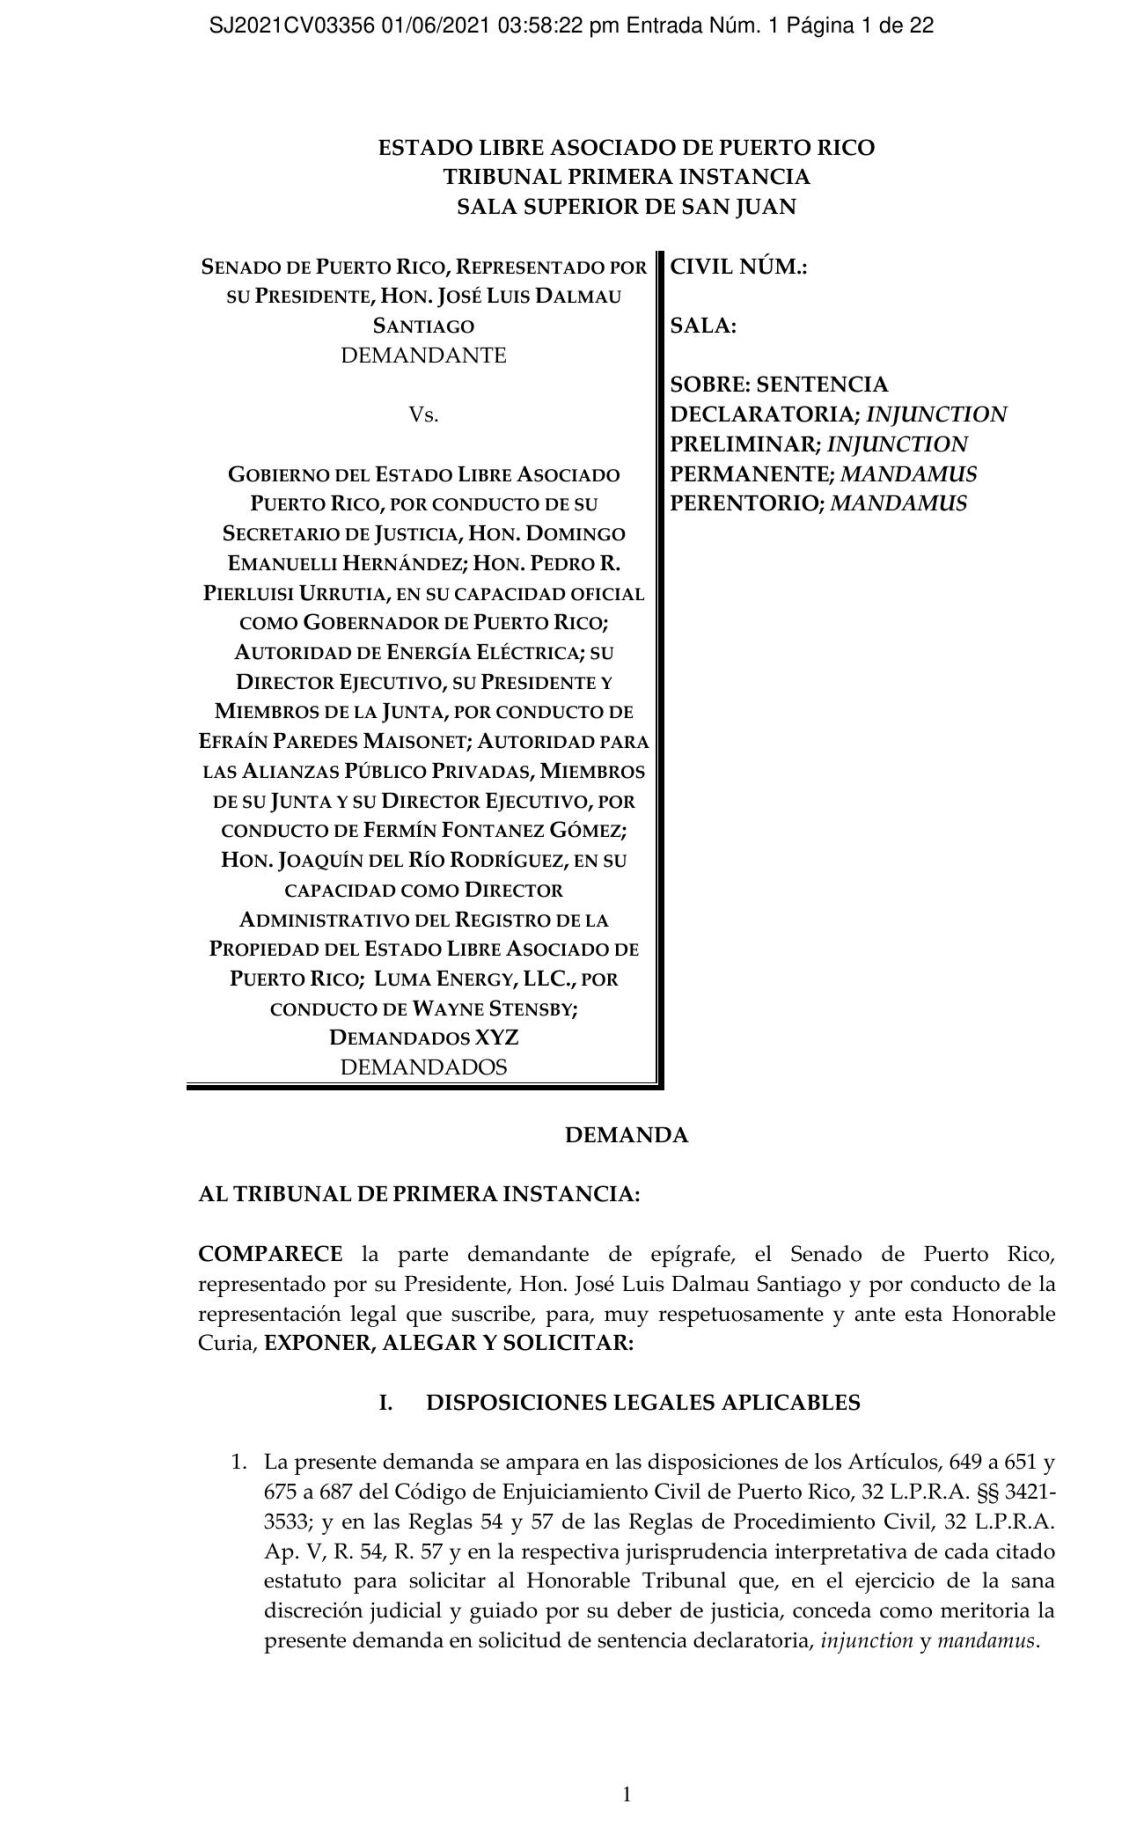 Demanda José Luis Dalmau sobre contrato de LUMA energy